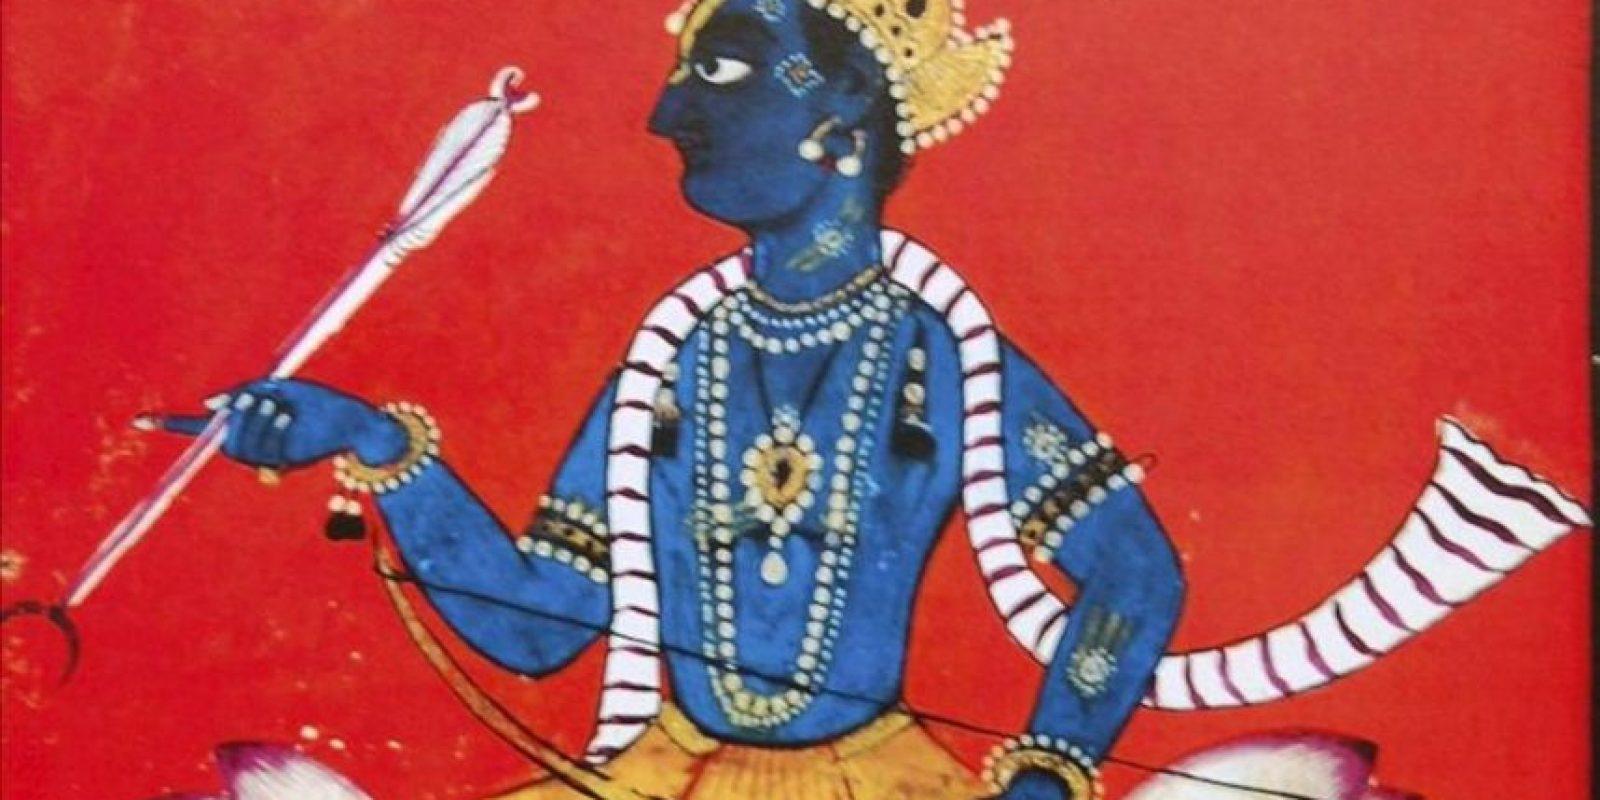 Retrato de Rama que forma parte de la exposición de pinturas en miniatura del Museo Nacional de Nueva Delhi, inspiradas en el rey-dios más conocido, y para algunos también el más controvertido, de la mitología india. EFE